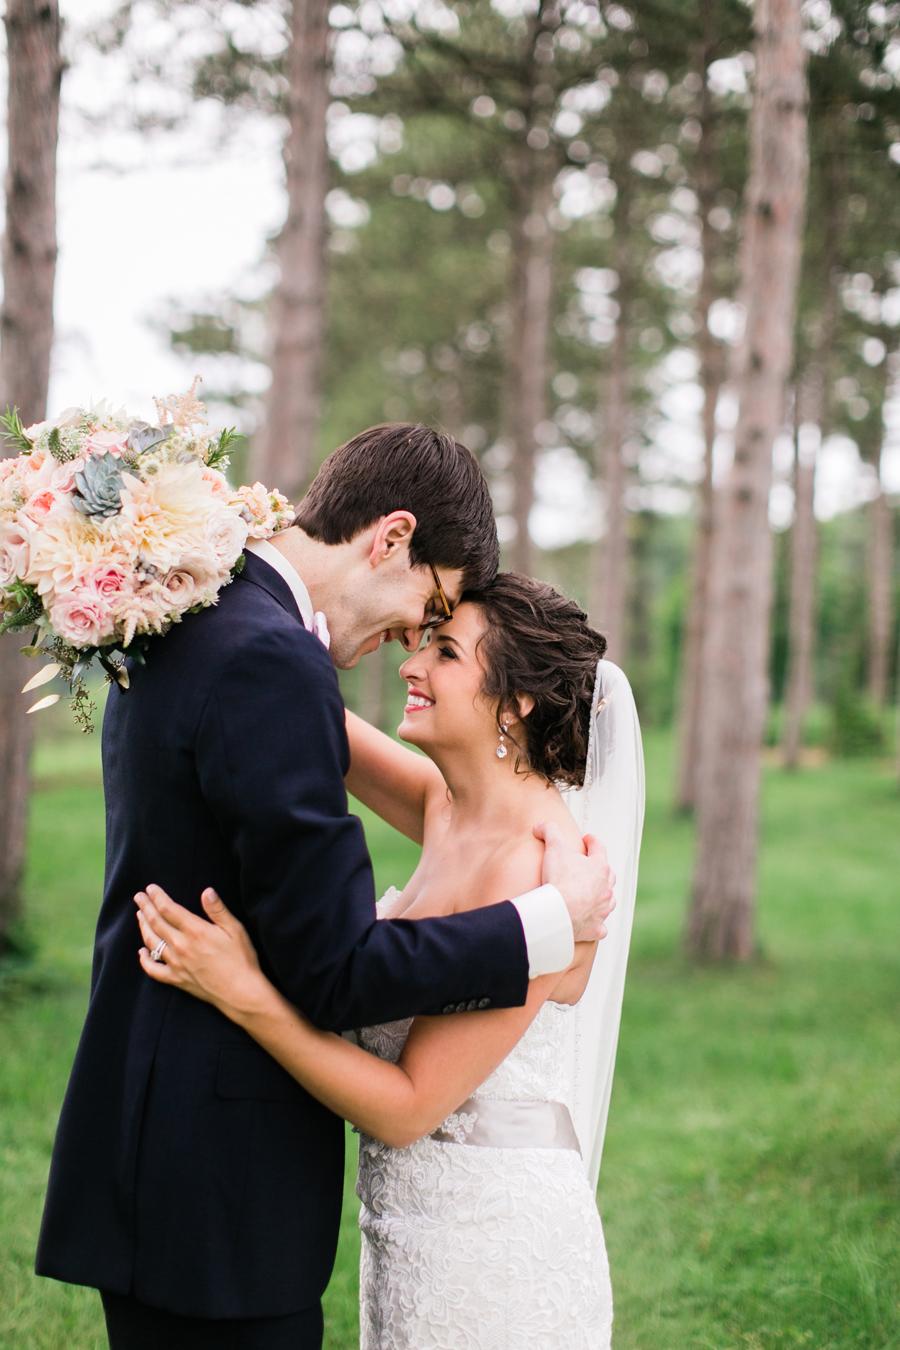 morton-arboretum-wedding-photo-008